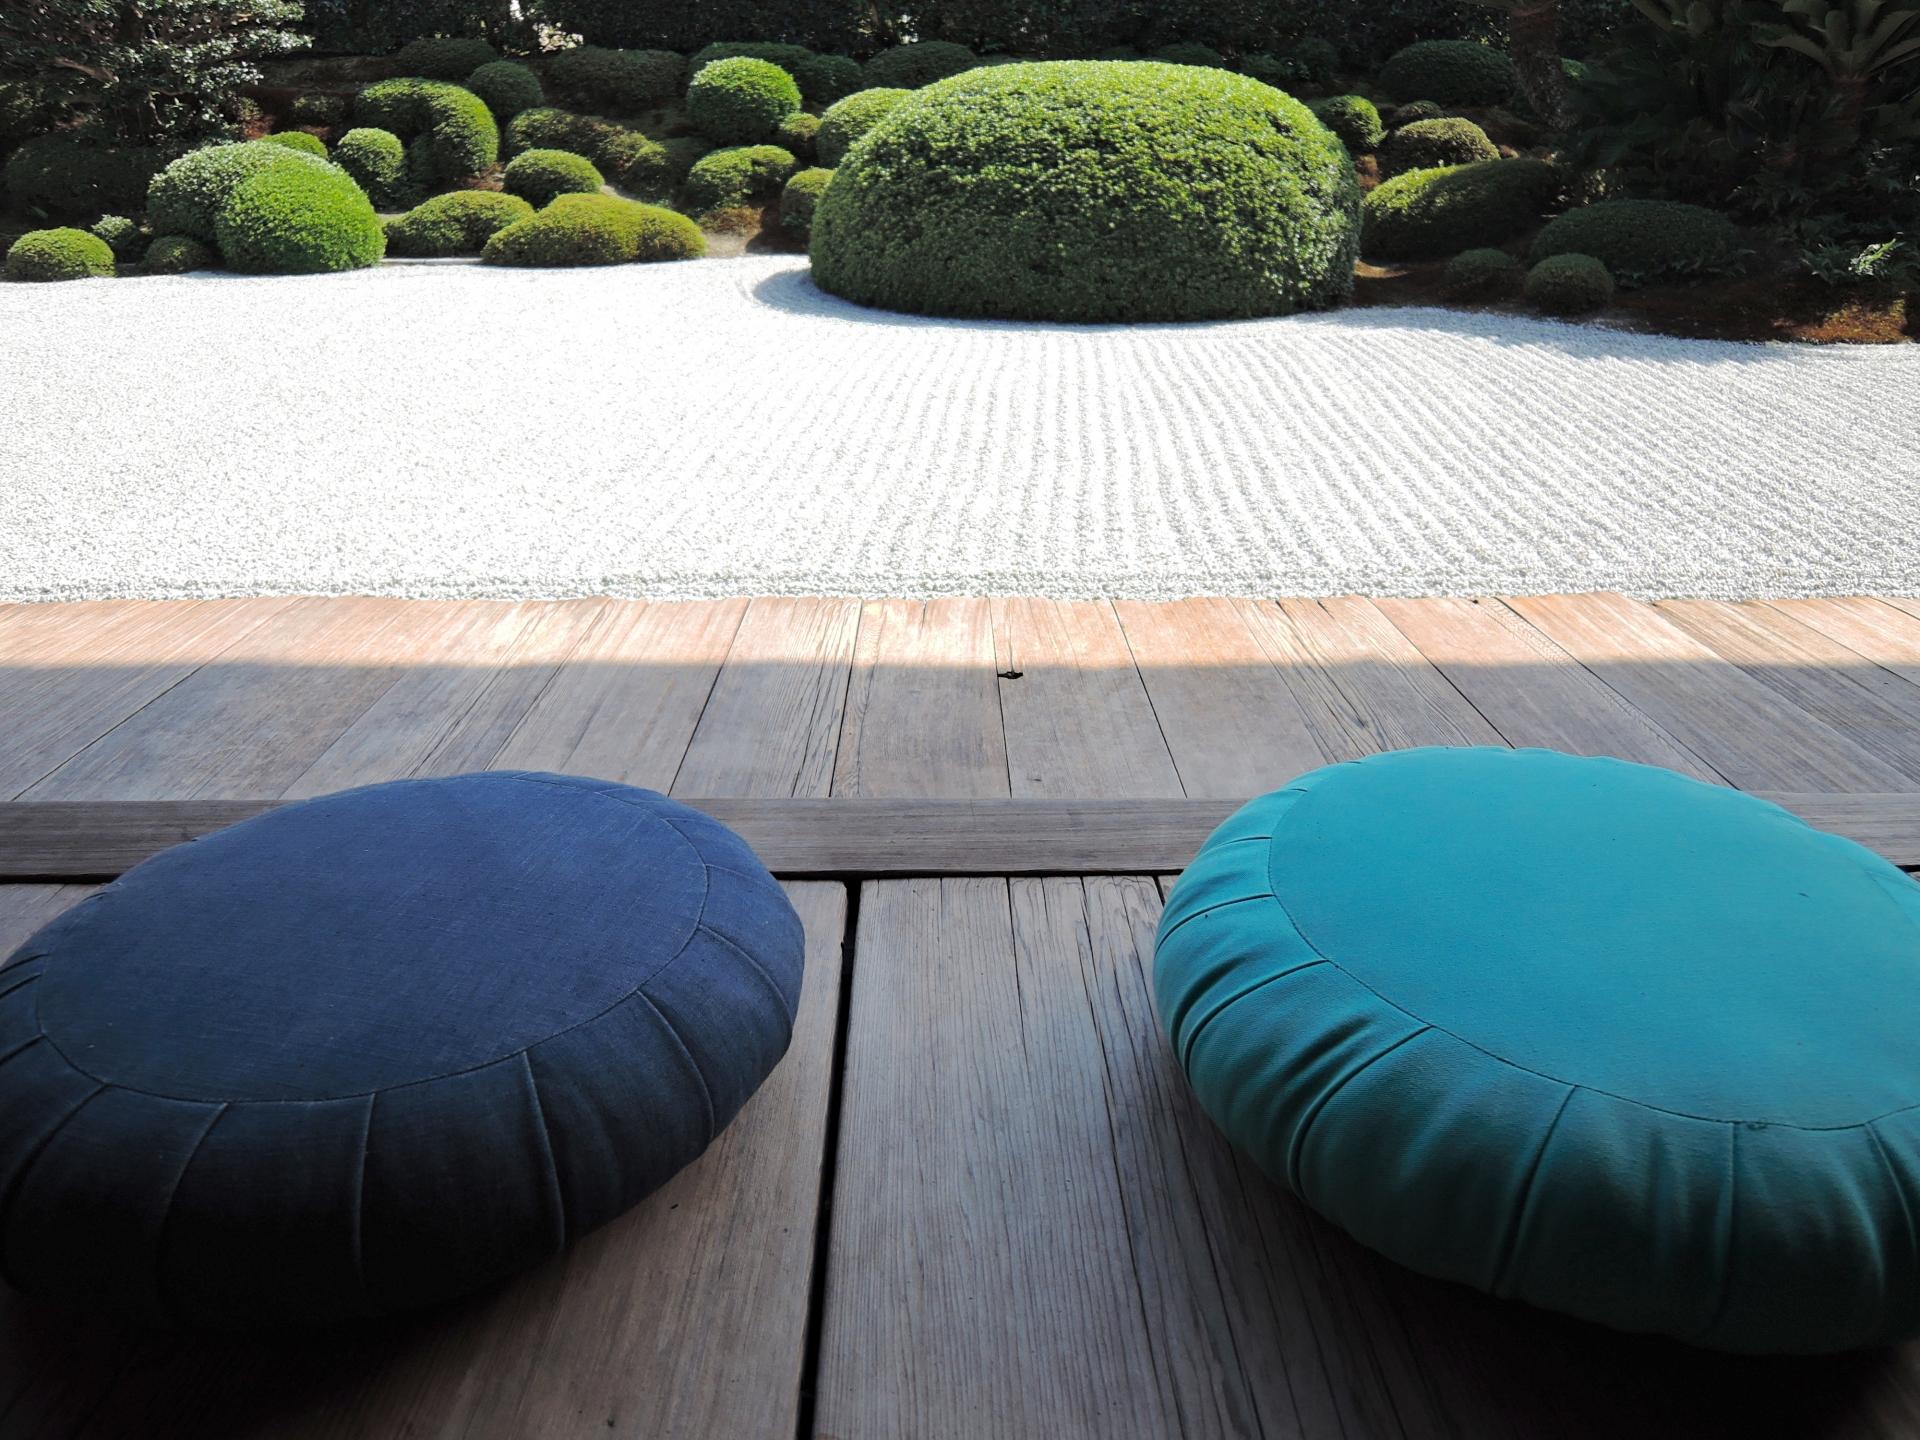 座布団のおすすめ3選!腰痛防止設計や高反発タイプも